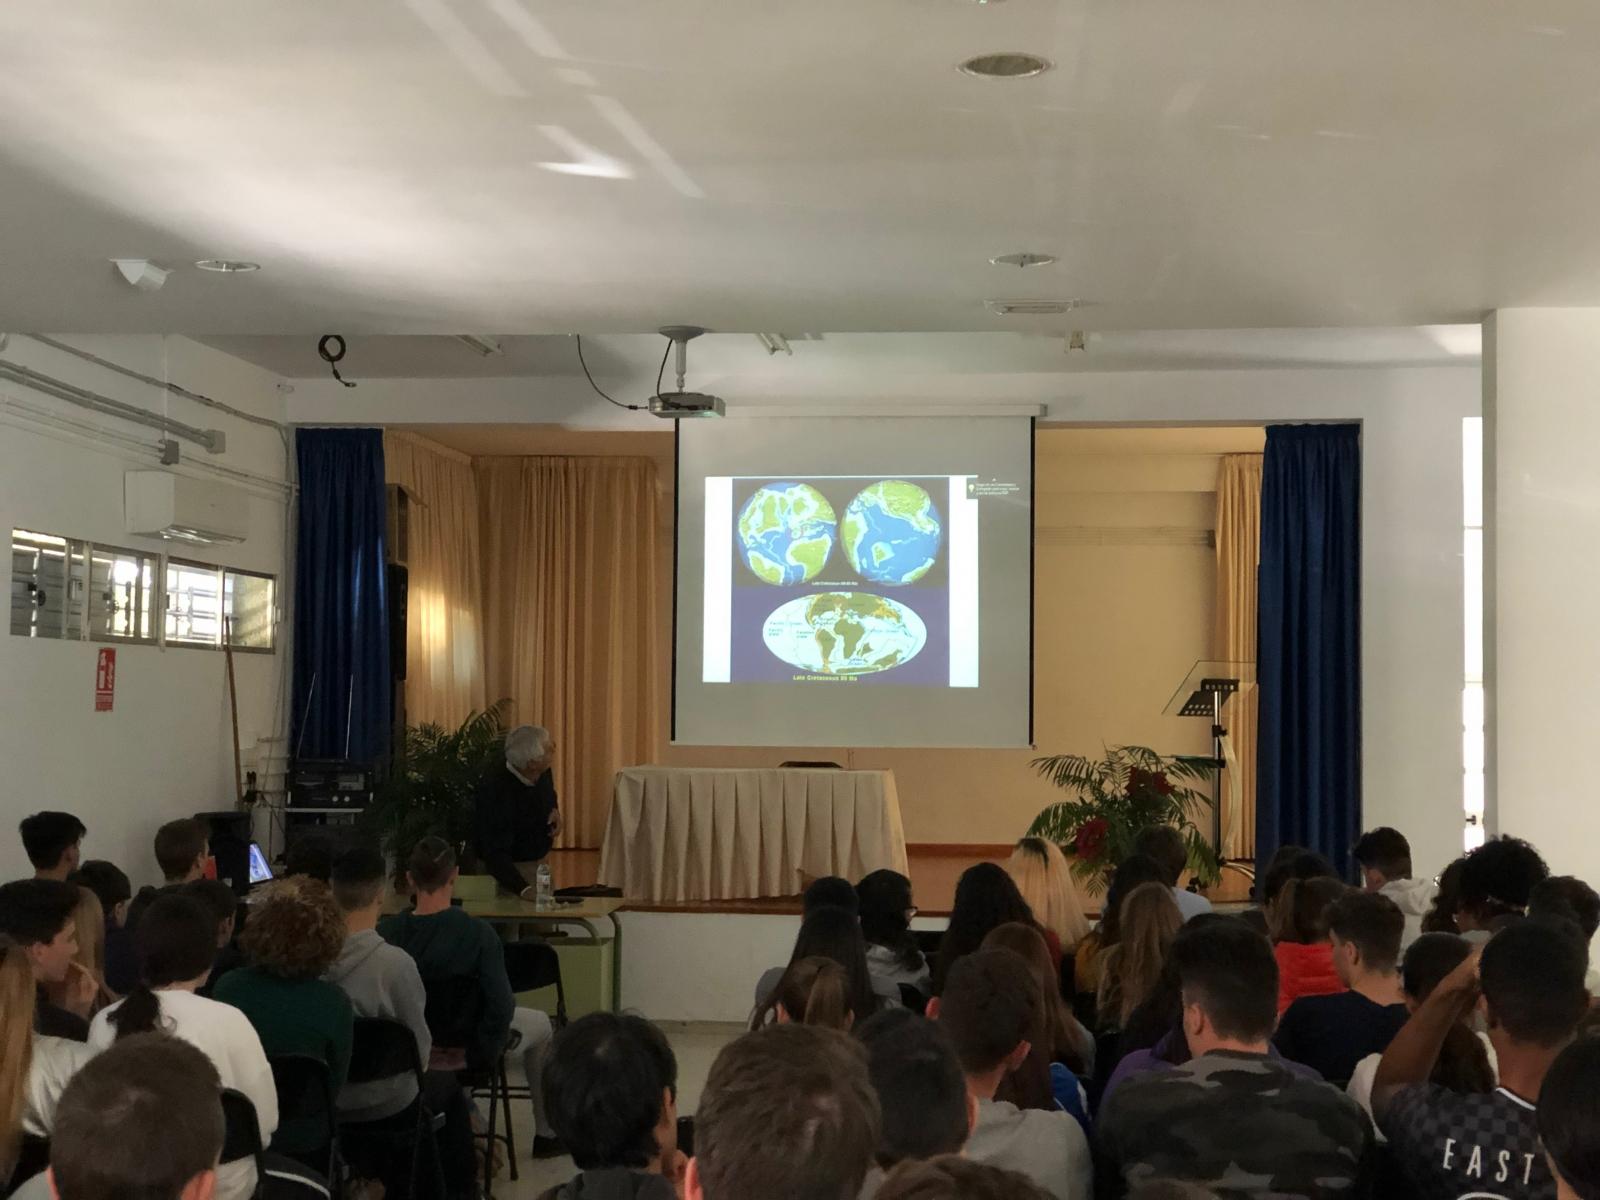 conferencia-el-origen-de-mediterraneo-2019-3